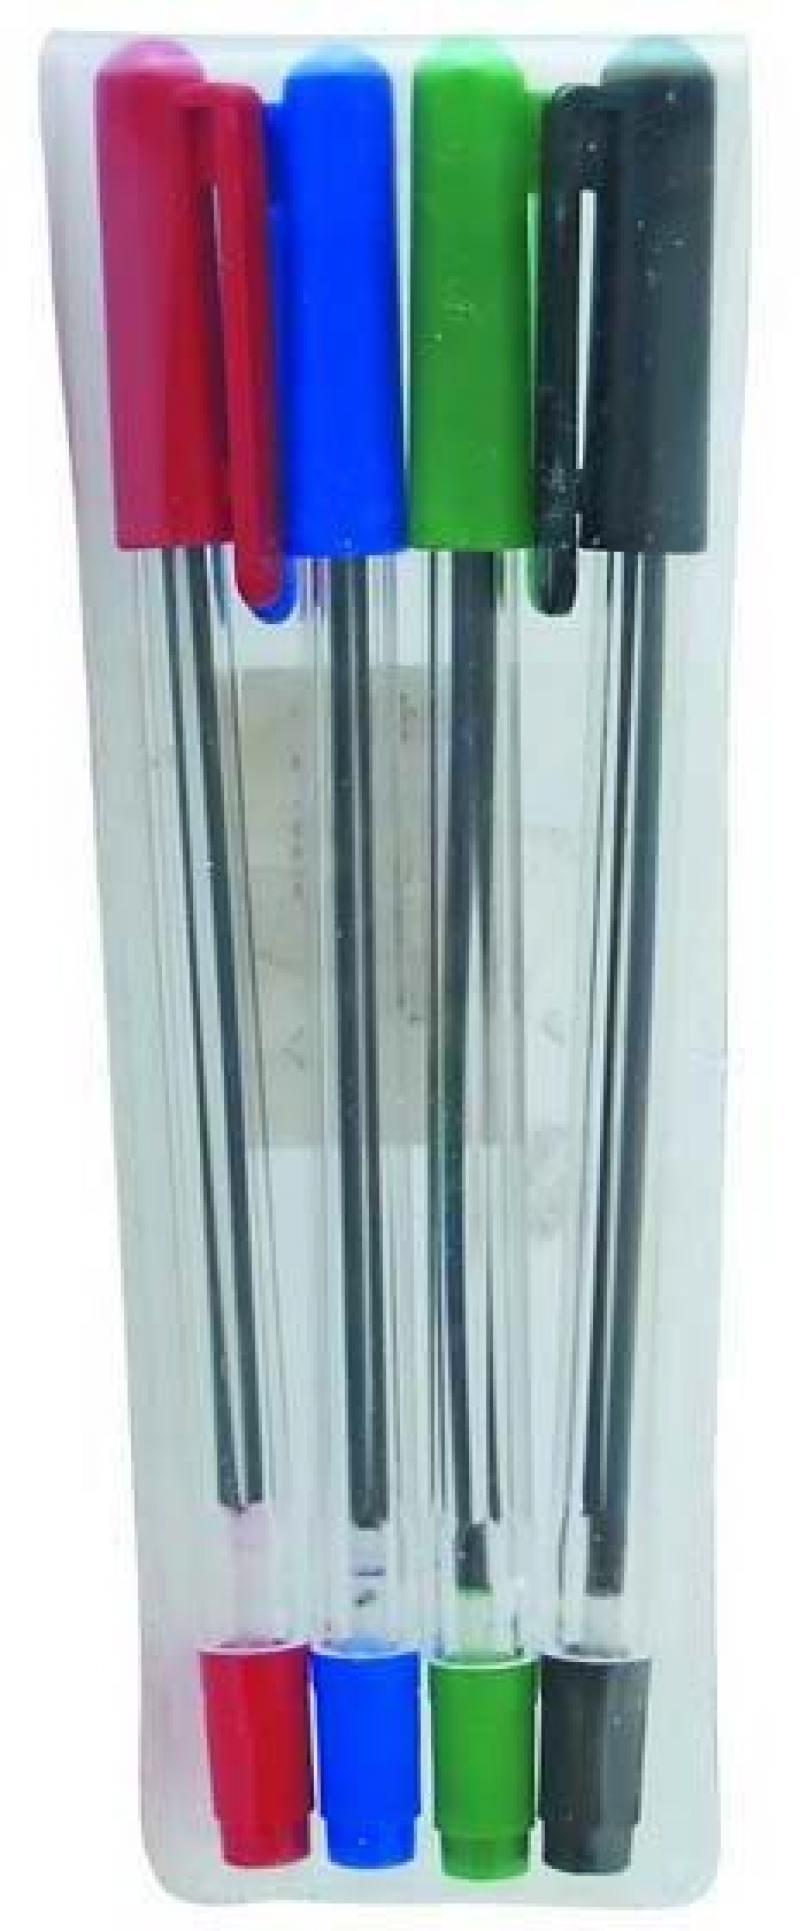 Набор шариковых ручек СТАММ РС07 4 шт разноцветный 1 мм РС07 набор шариковых ручек стамм рк06 3 шт разноцветный 1 мм рк06